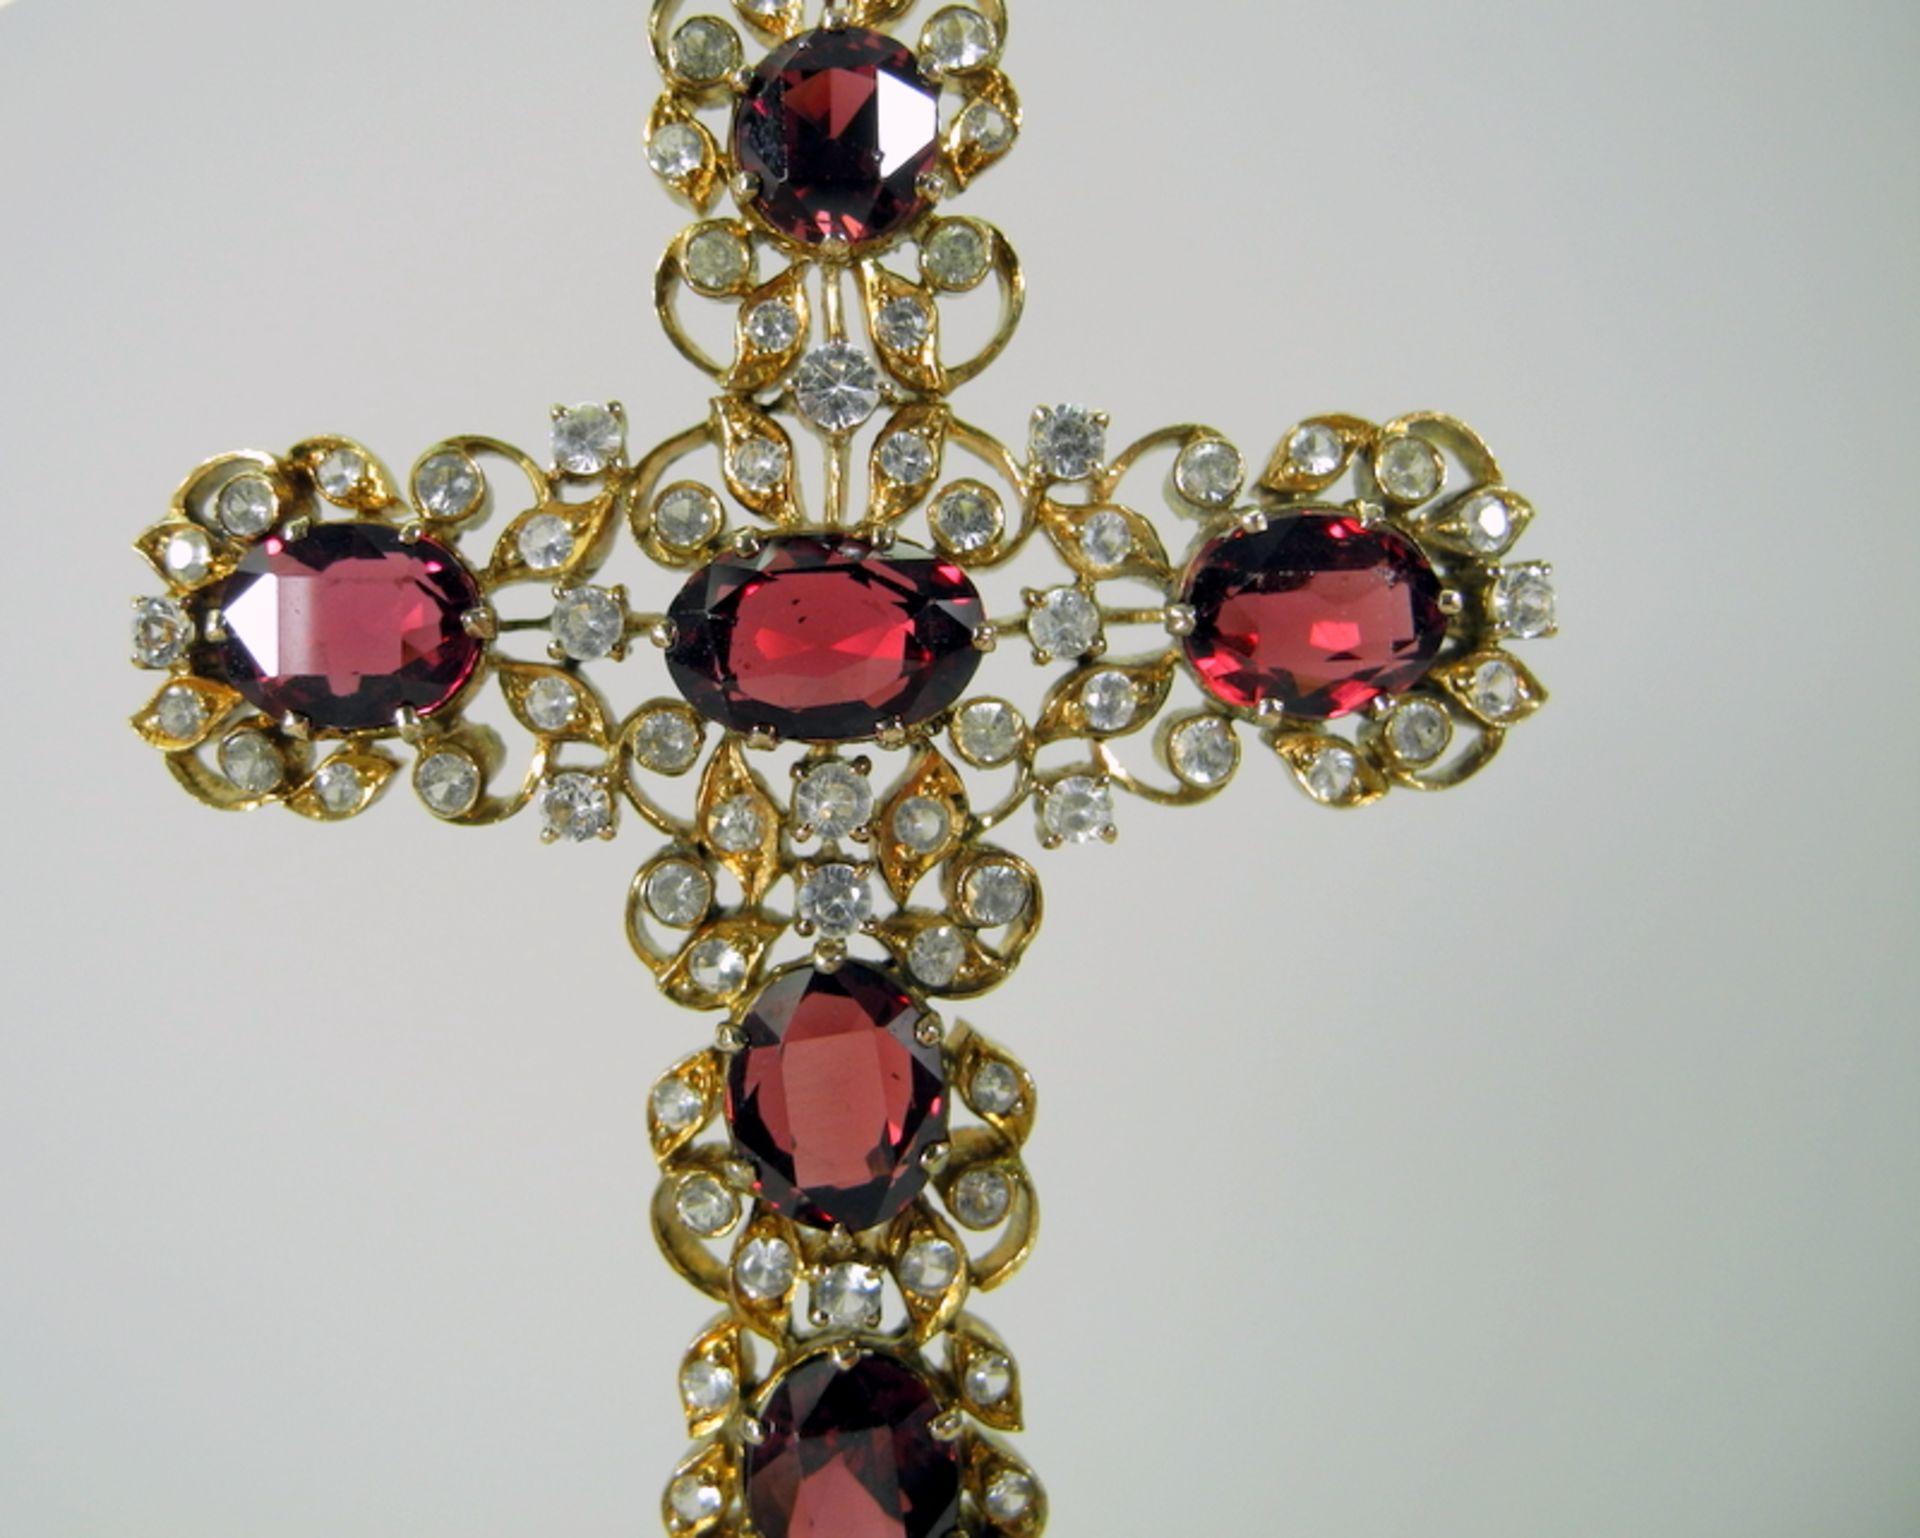 Kreuz mit Bruststern-Anhänger in barocker Form14 K. Gelbgoldenes Kreuz als Anhänger - Image 2 of 2